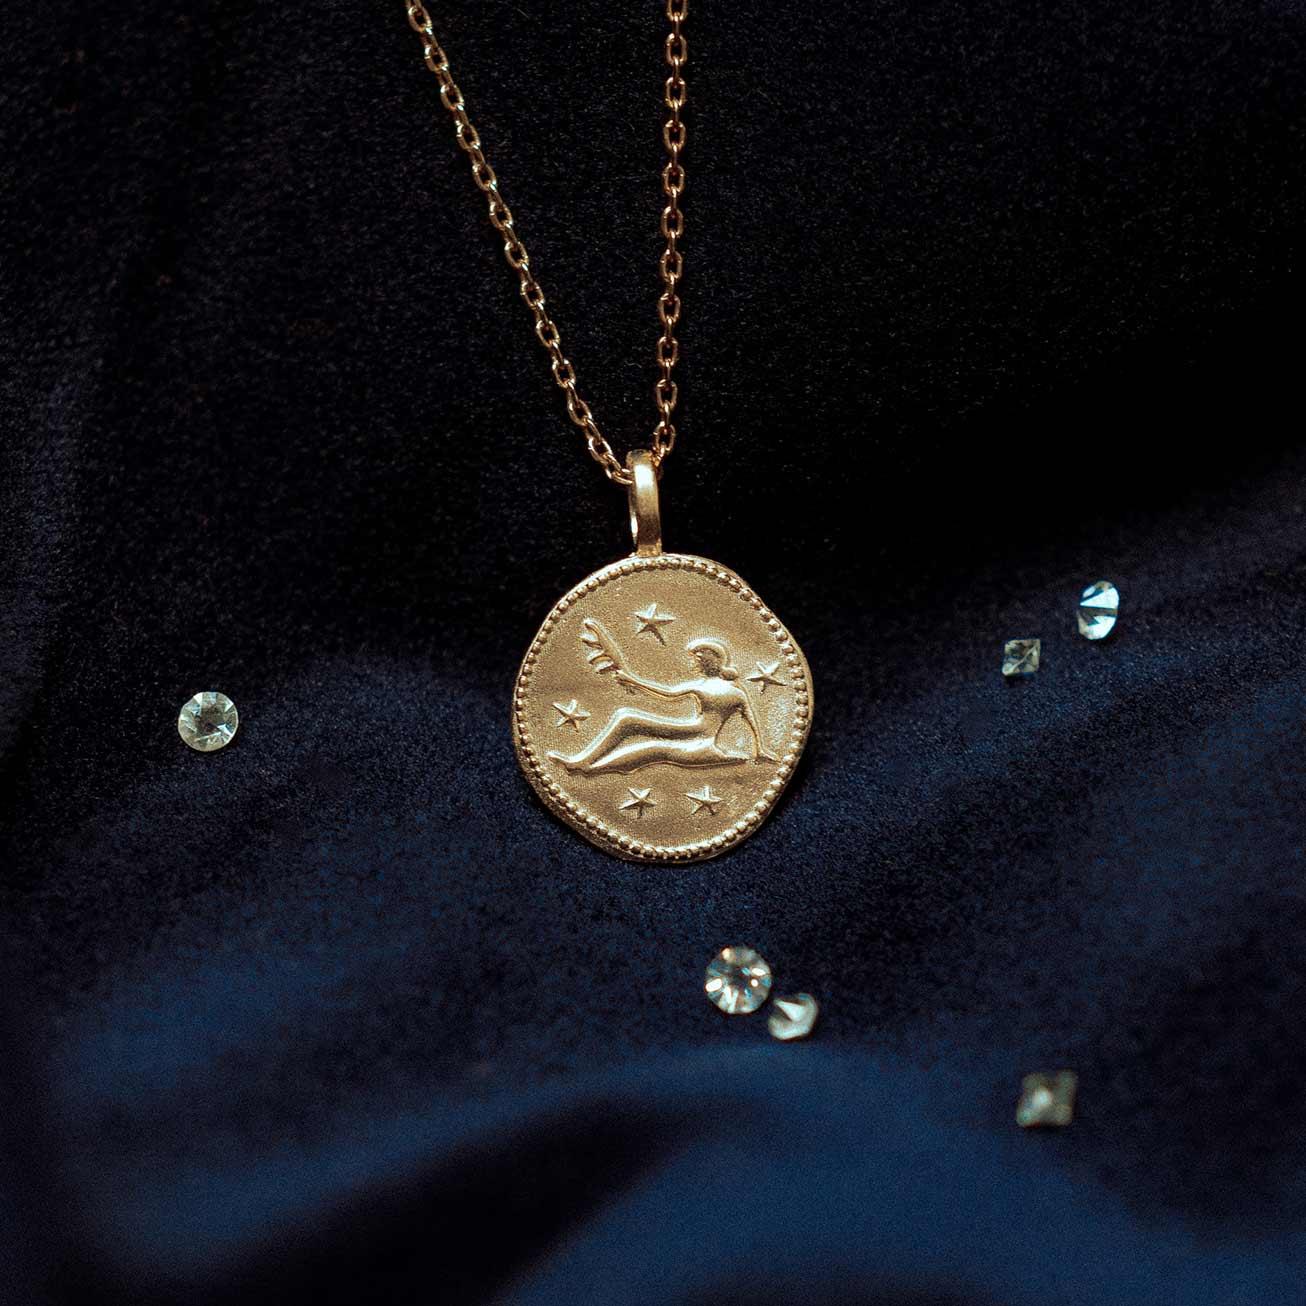 Collier signe zodiaque Vierge